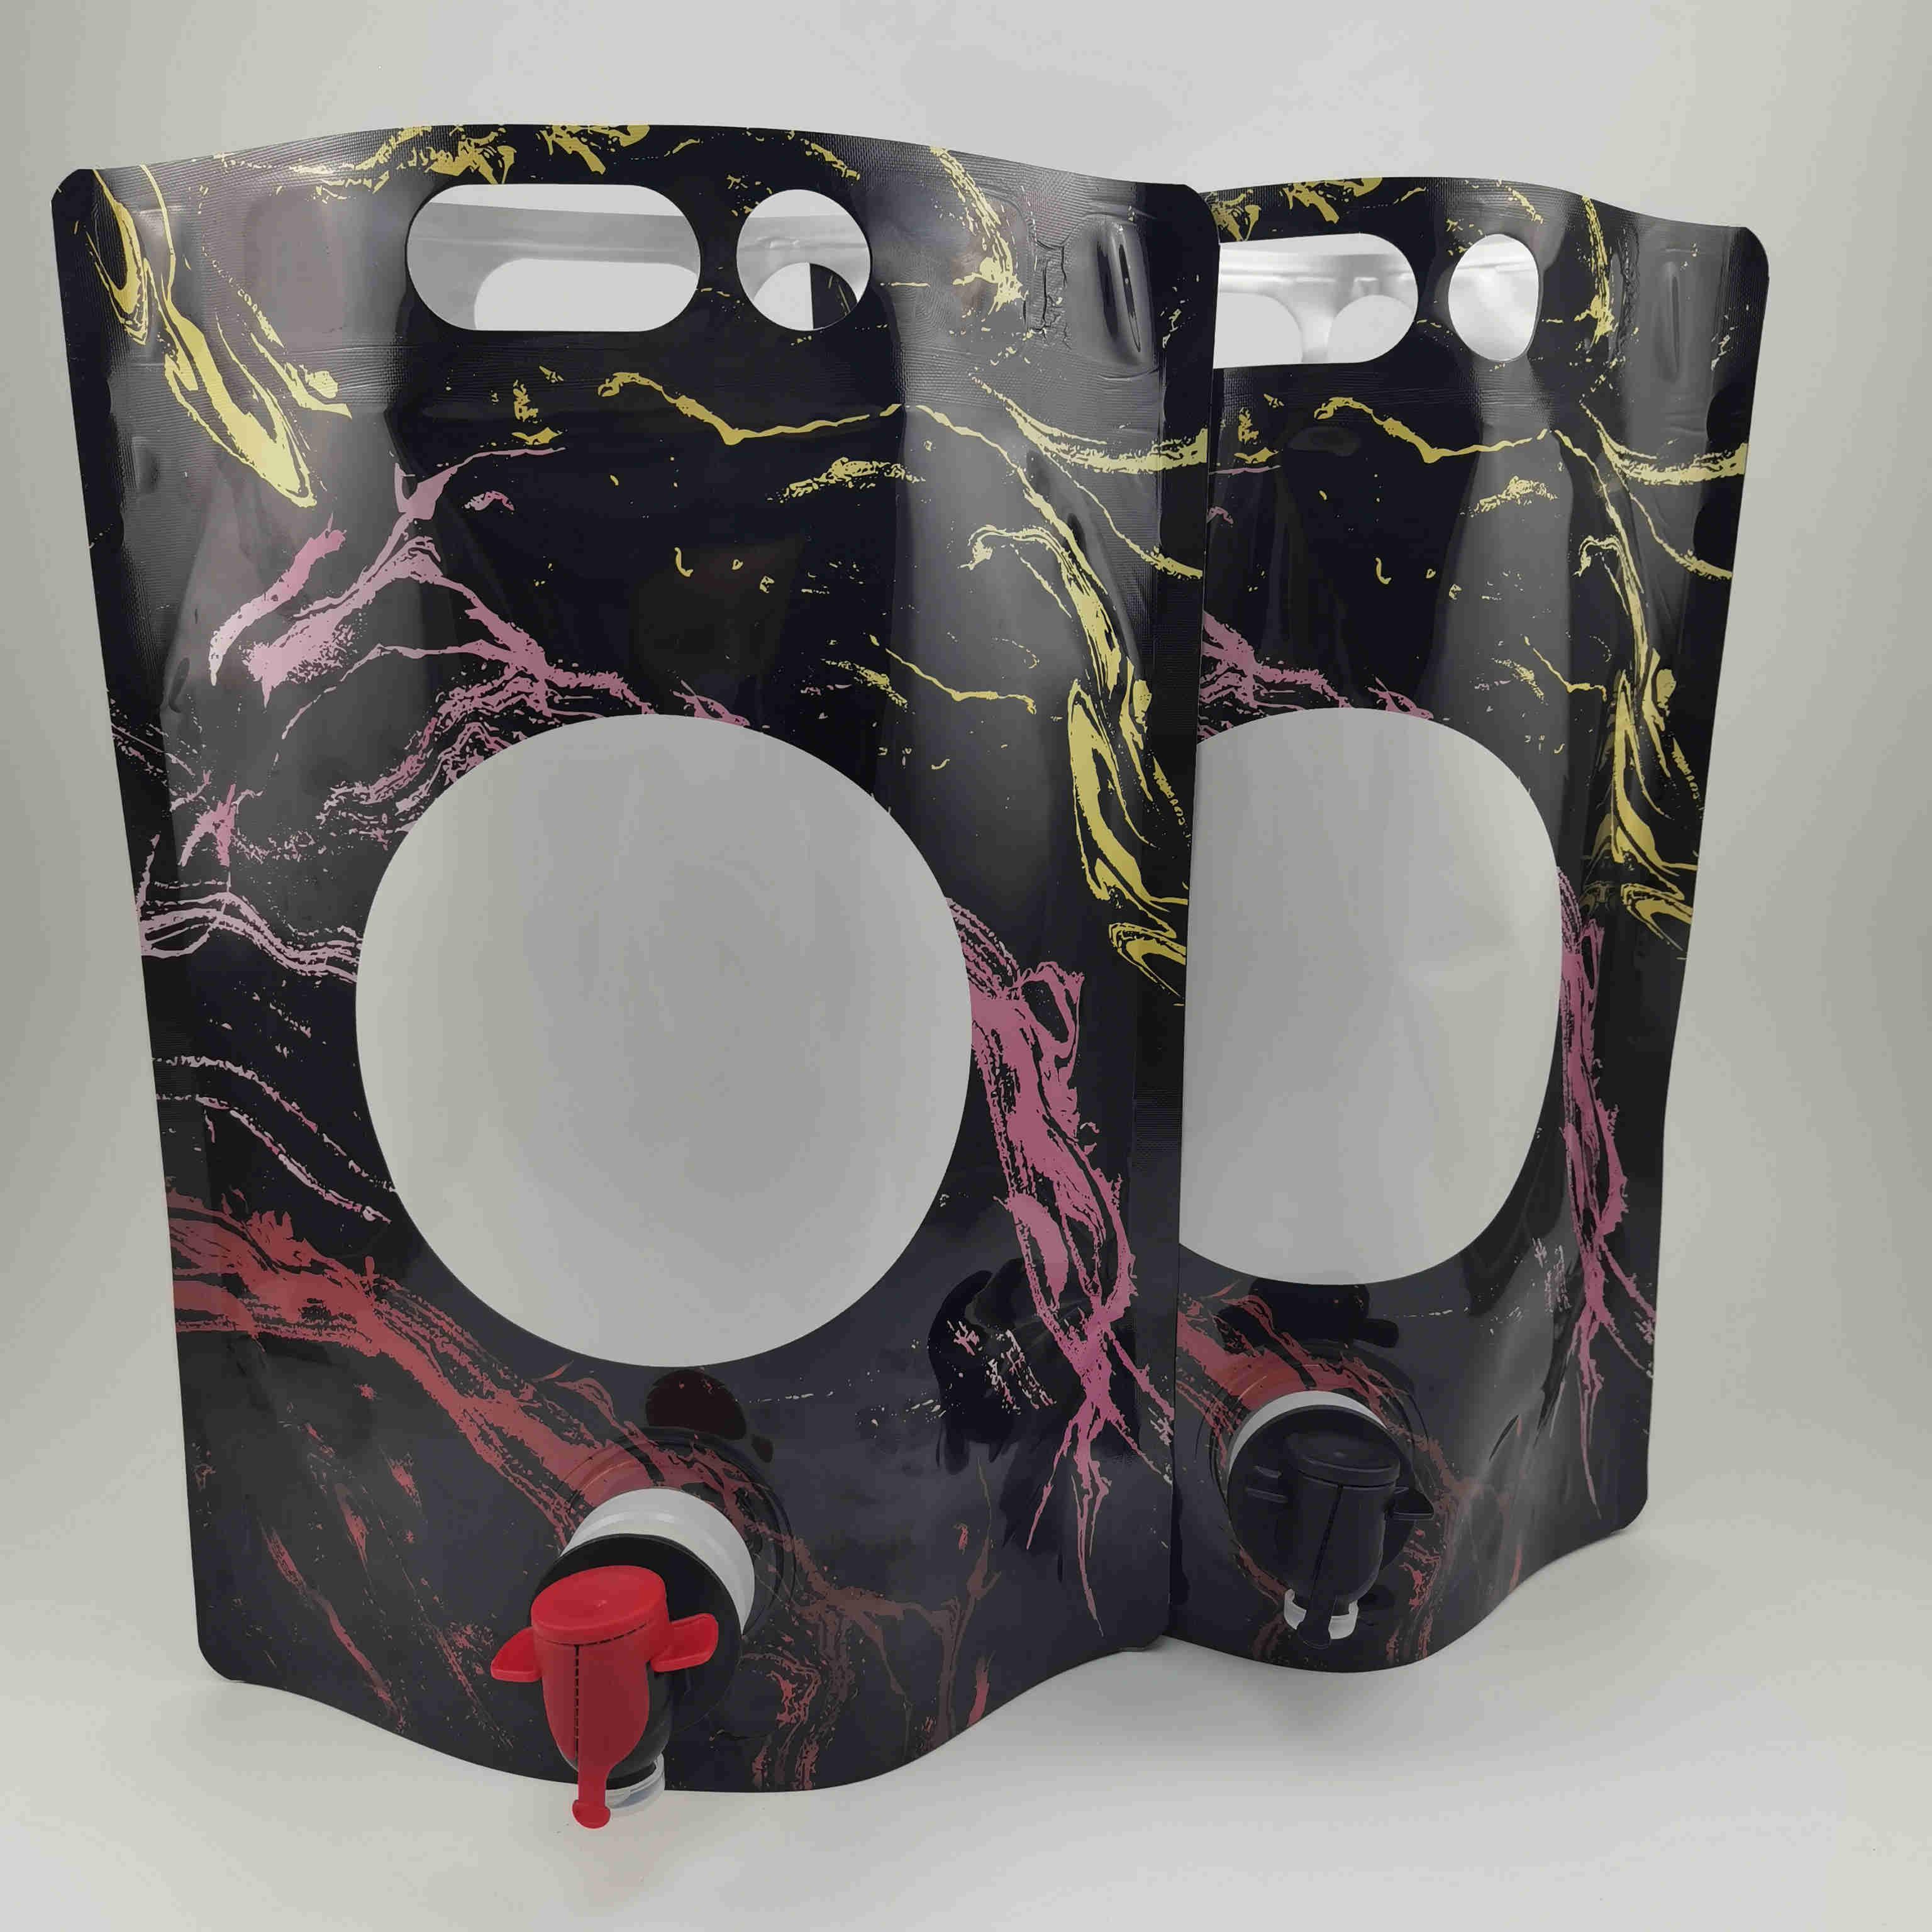 红酒白酒BIB盒中袋红酒双插底自立吸嘴袋蝶阀铝箔自立袋可定做